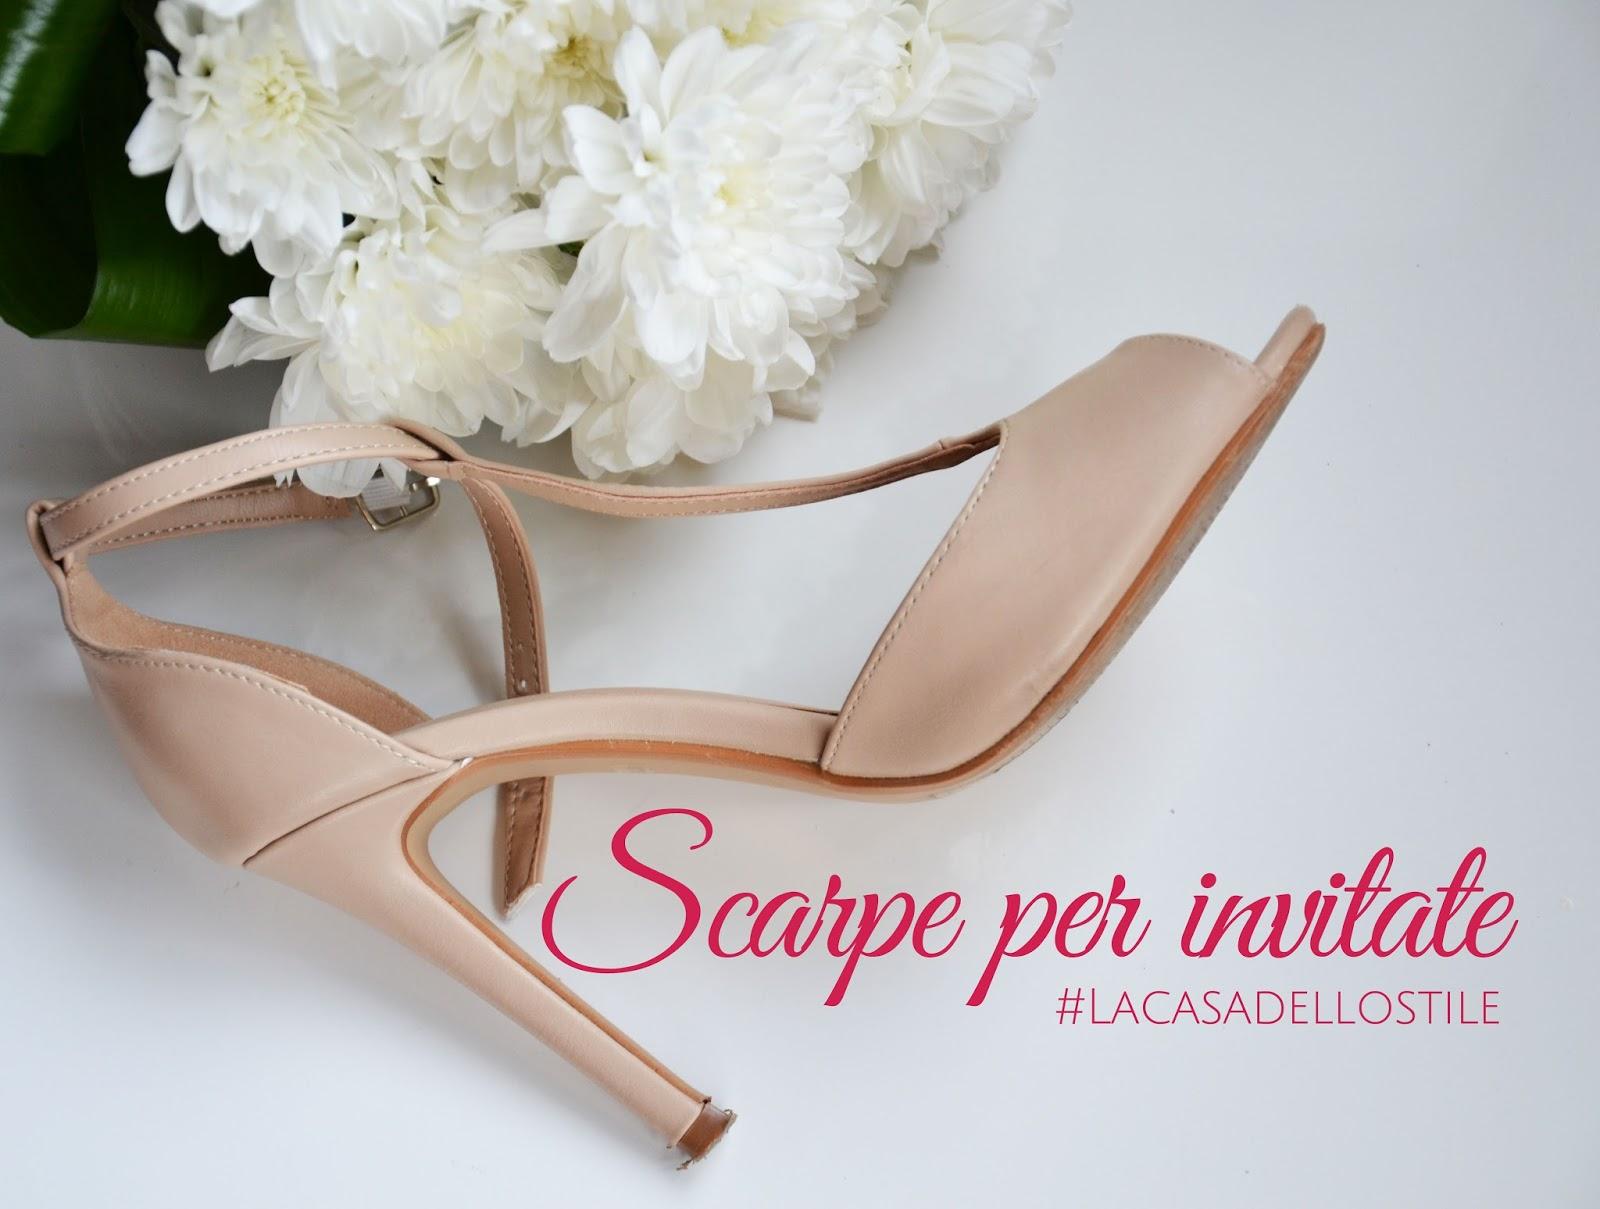 Los Angeles acheter populaire sortie en ligne Matrimonio: scarpe per le invitate - La casa dello stile